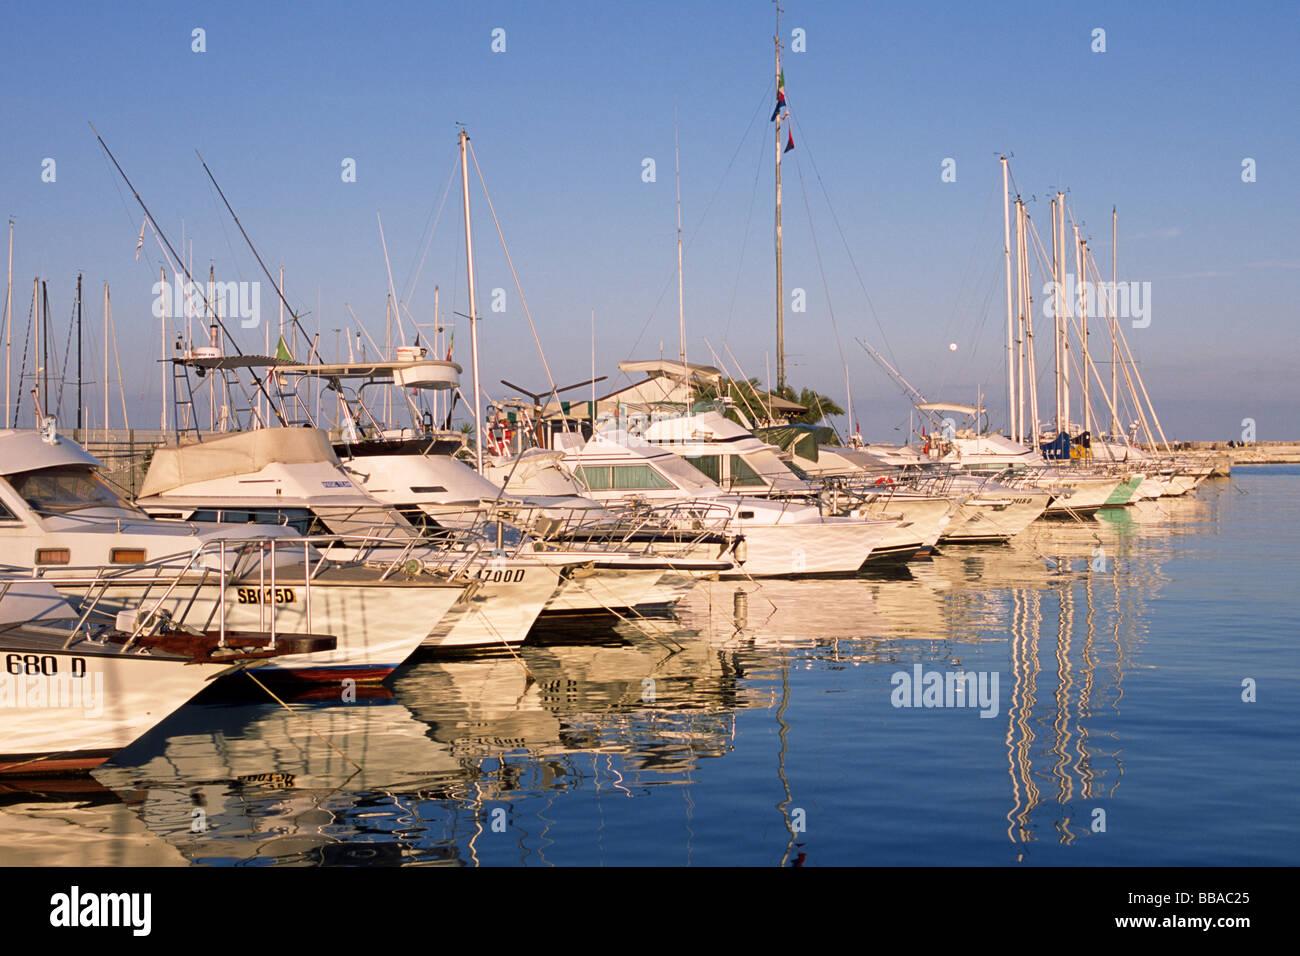 italy, le marche, san benedetto del tronto, boats Stock Photo